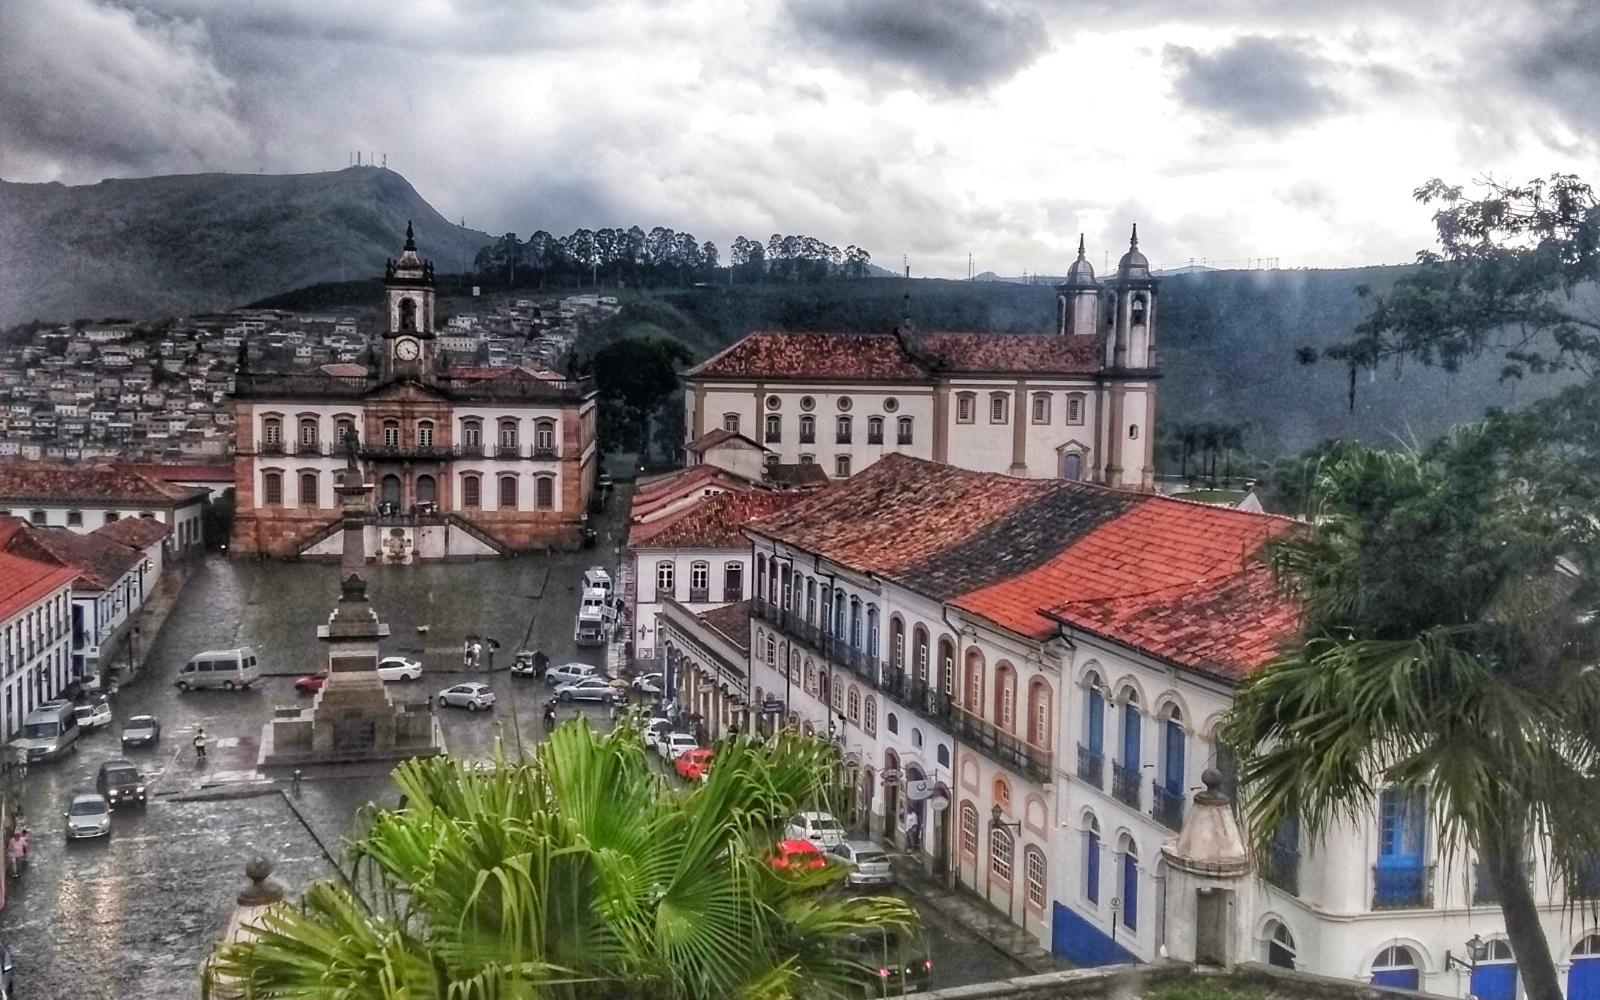 Previsão do tempo: sob alerta de tempestade, Mariana e Ouro Preto terão fim de semana de calor